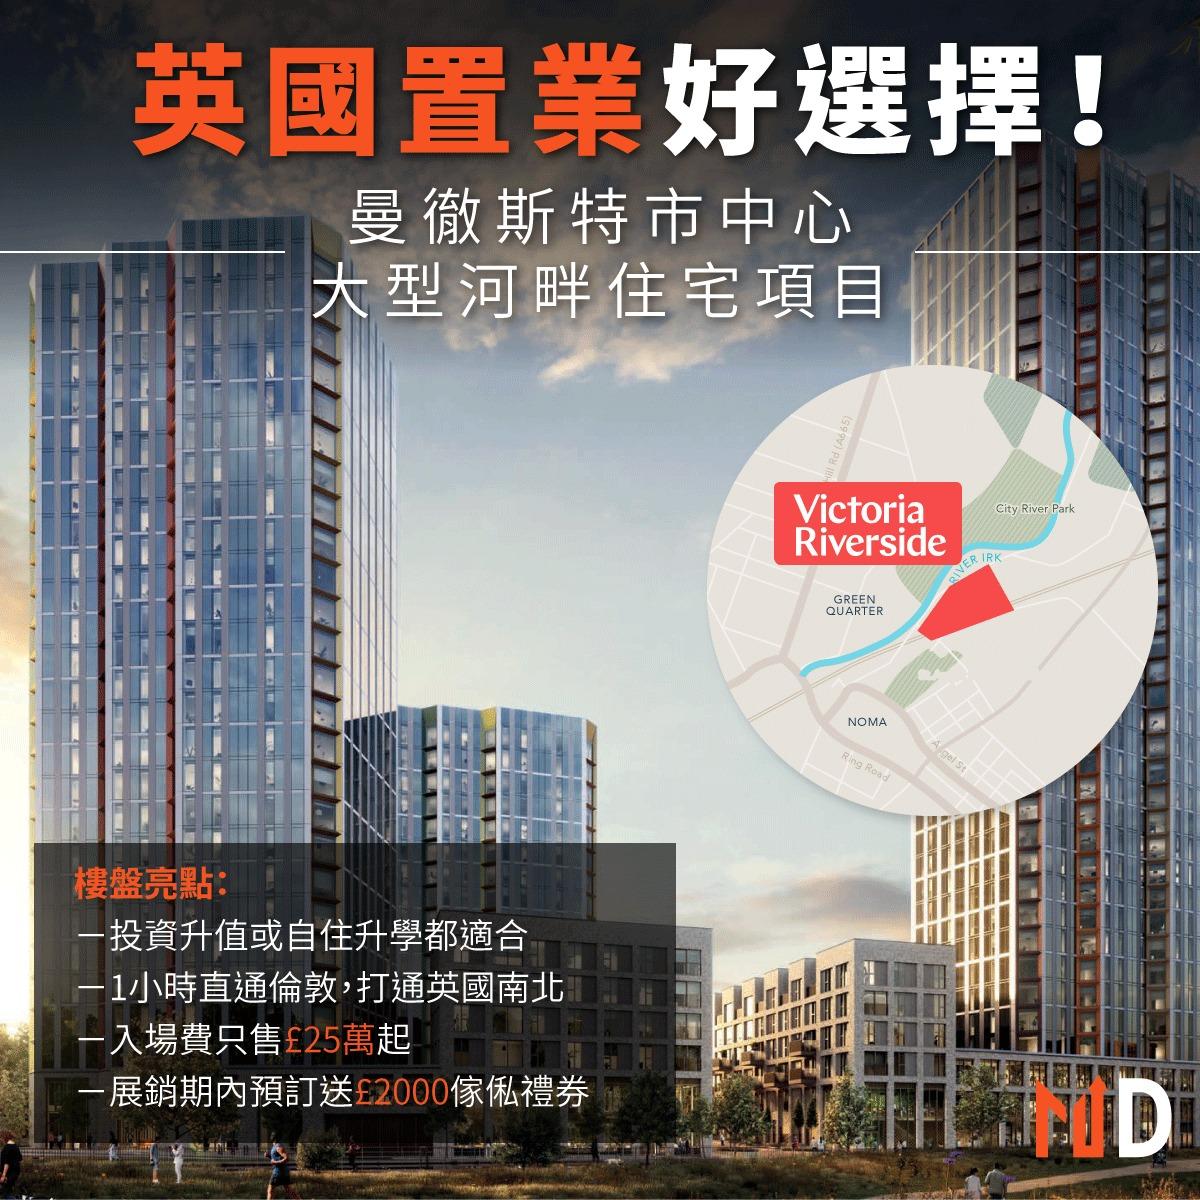 香港遠東發展最近推出英國曼徹斯特新河畔住宅項目Victoria Riverside。